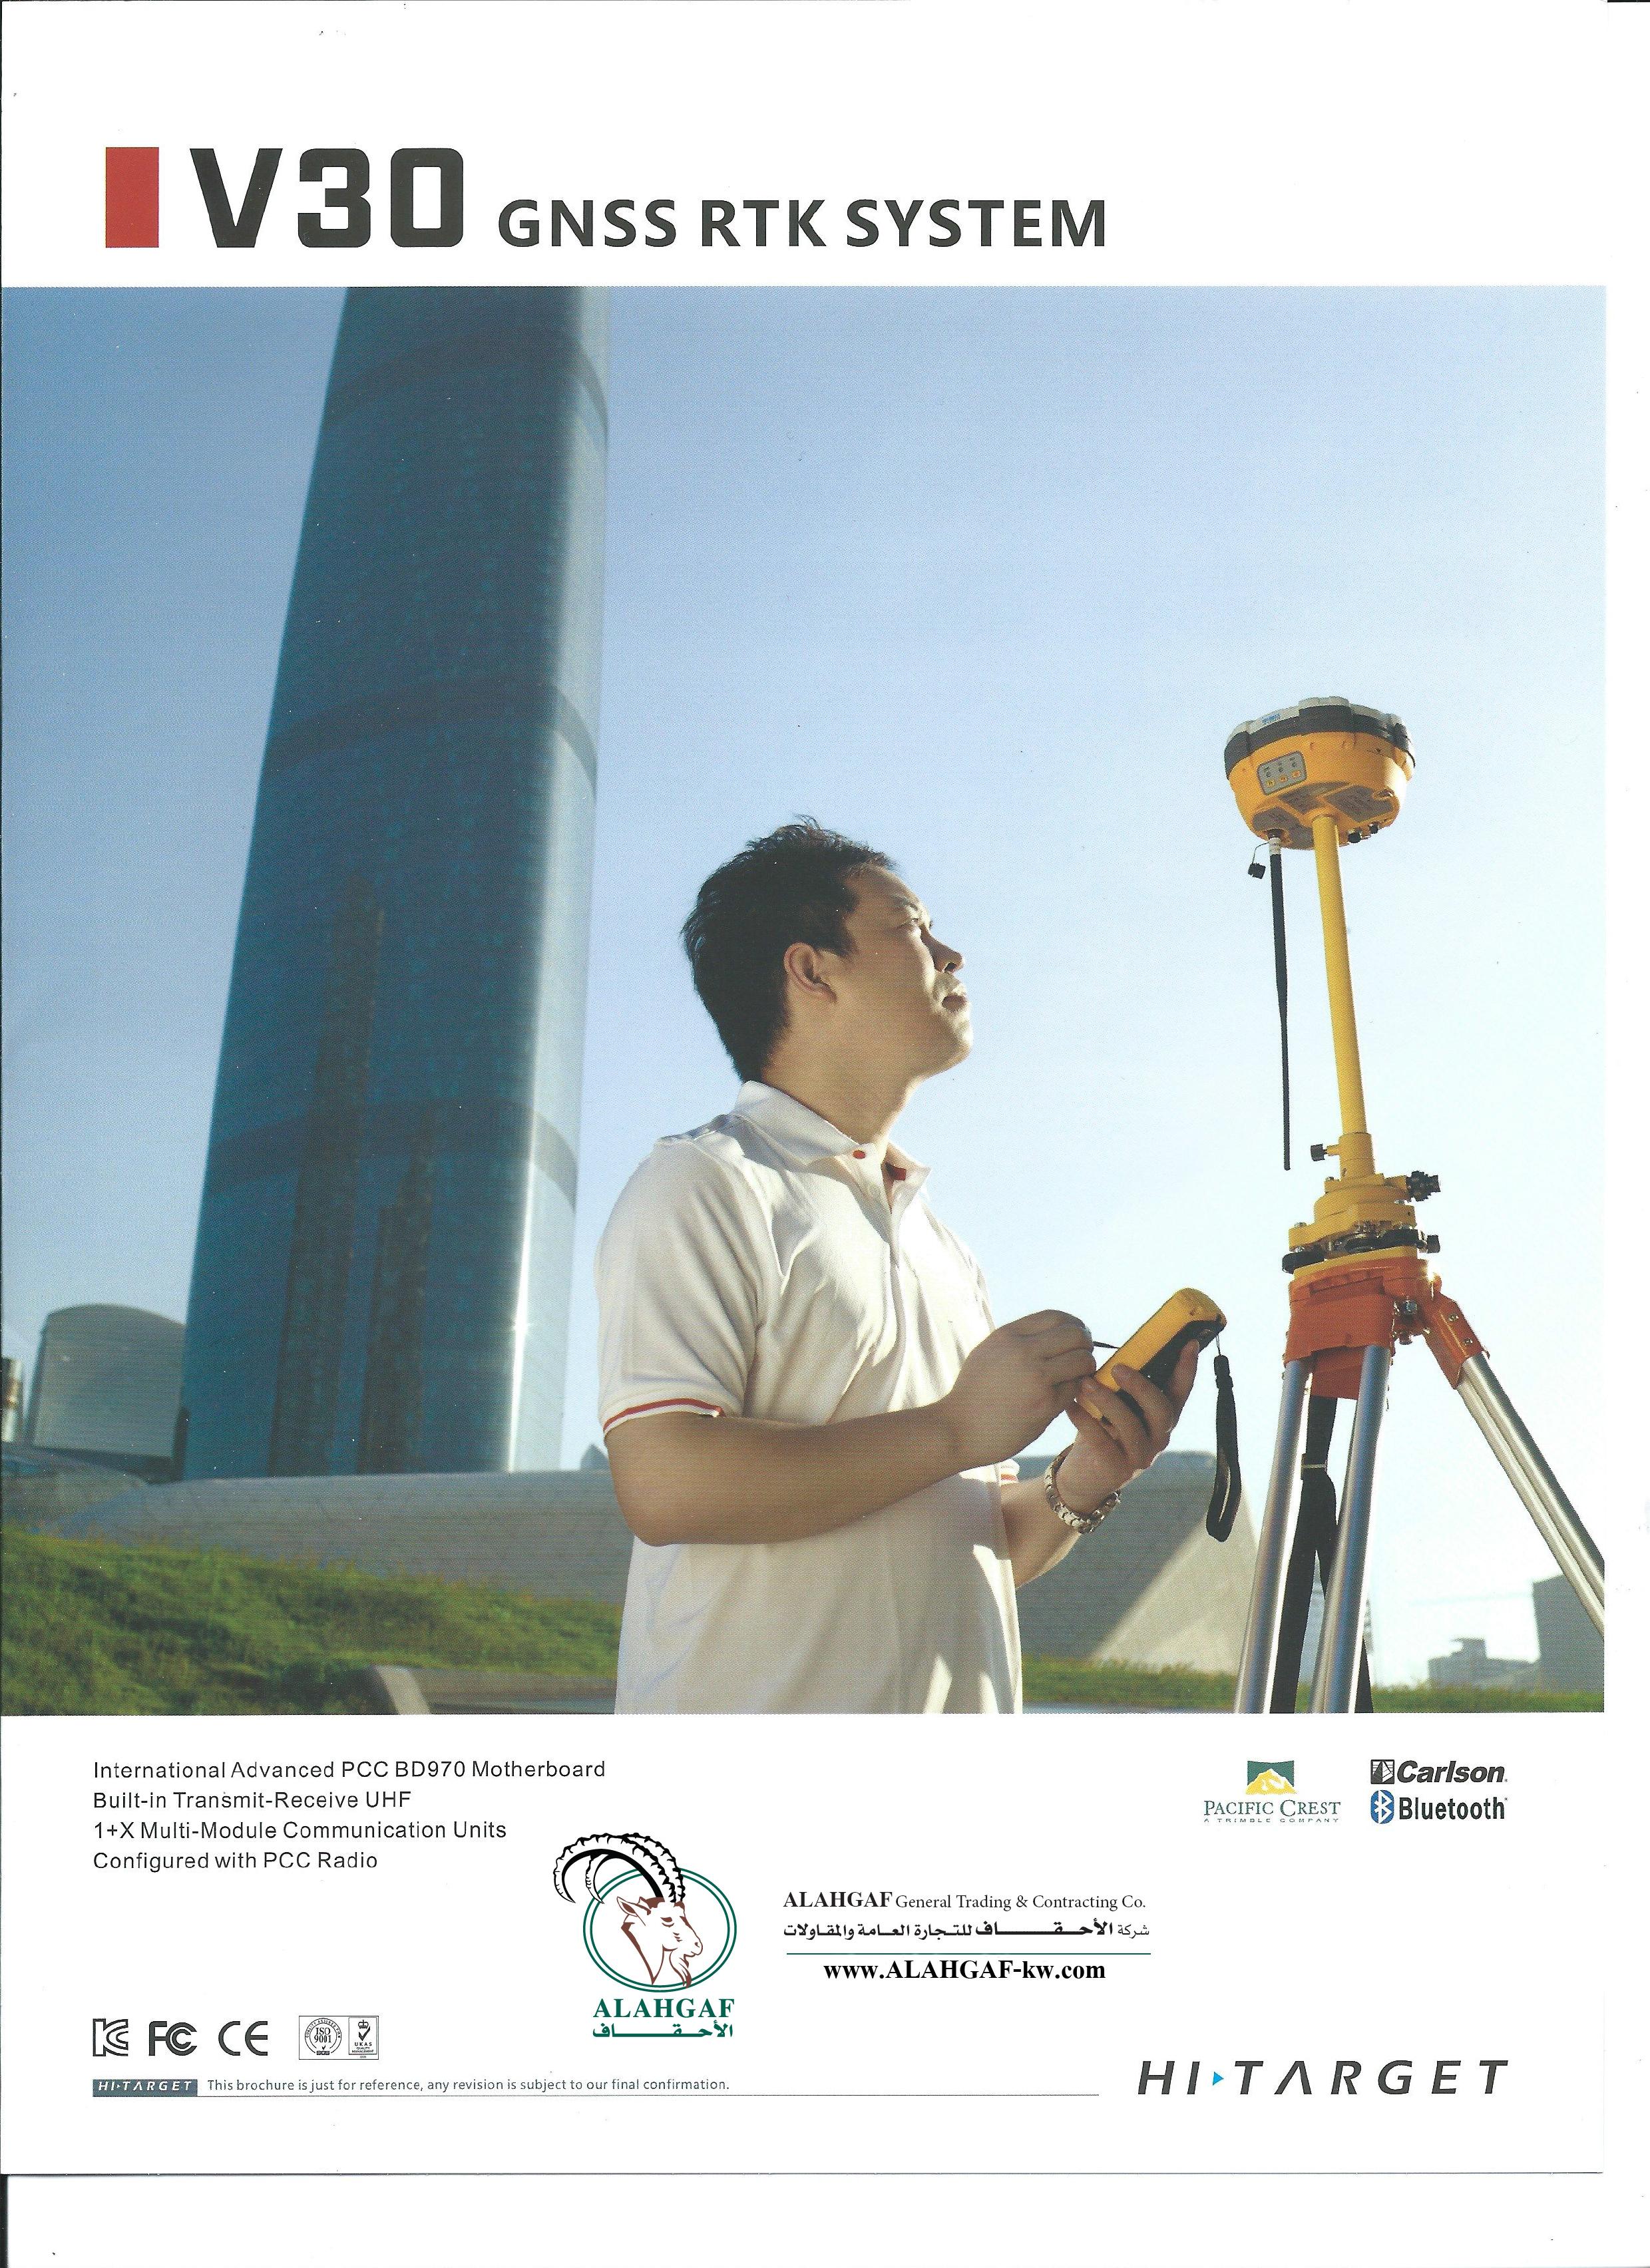 V30 GNSS RTK SYSTEM